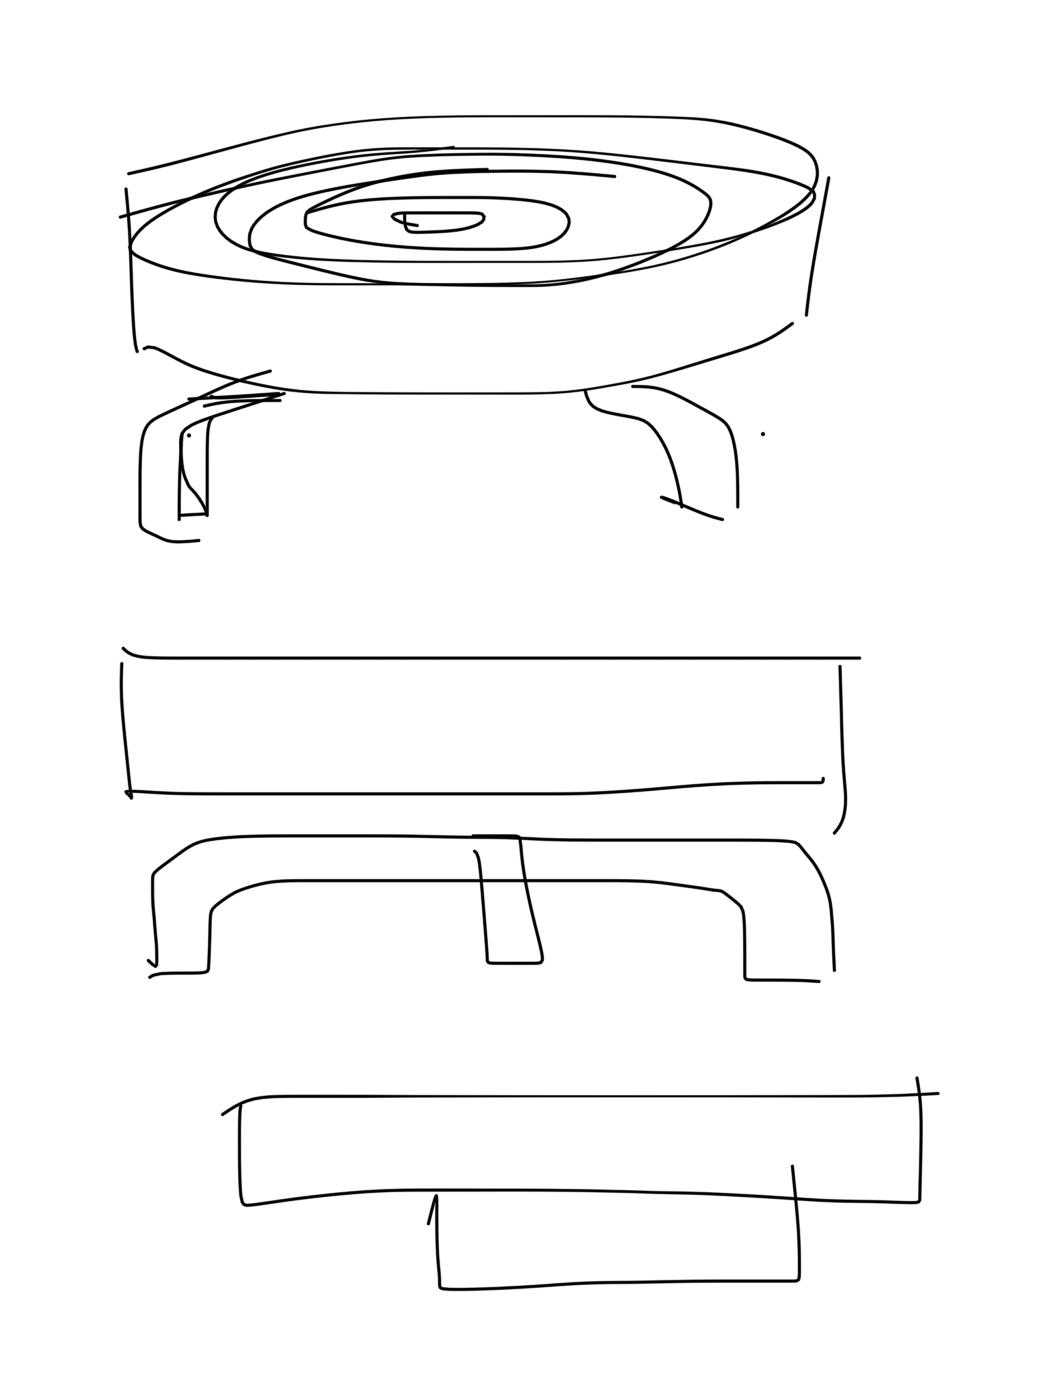 Sketch-306.jpg